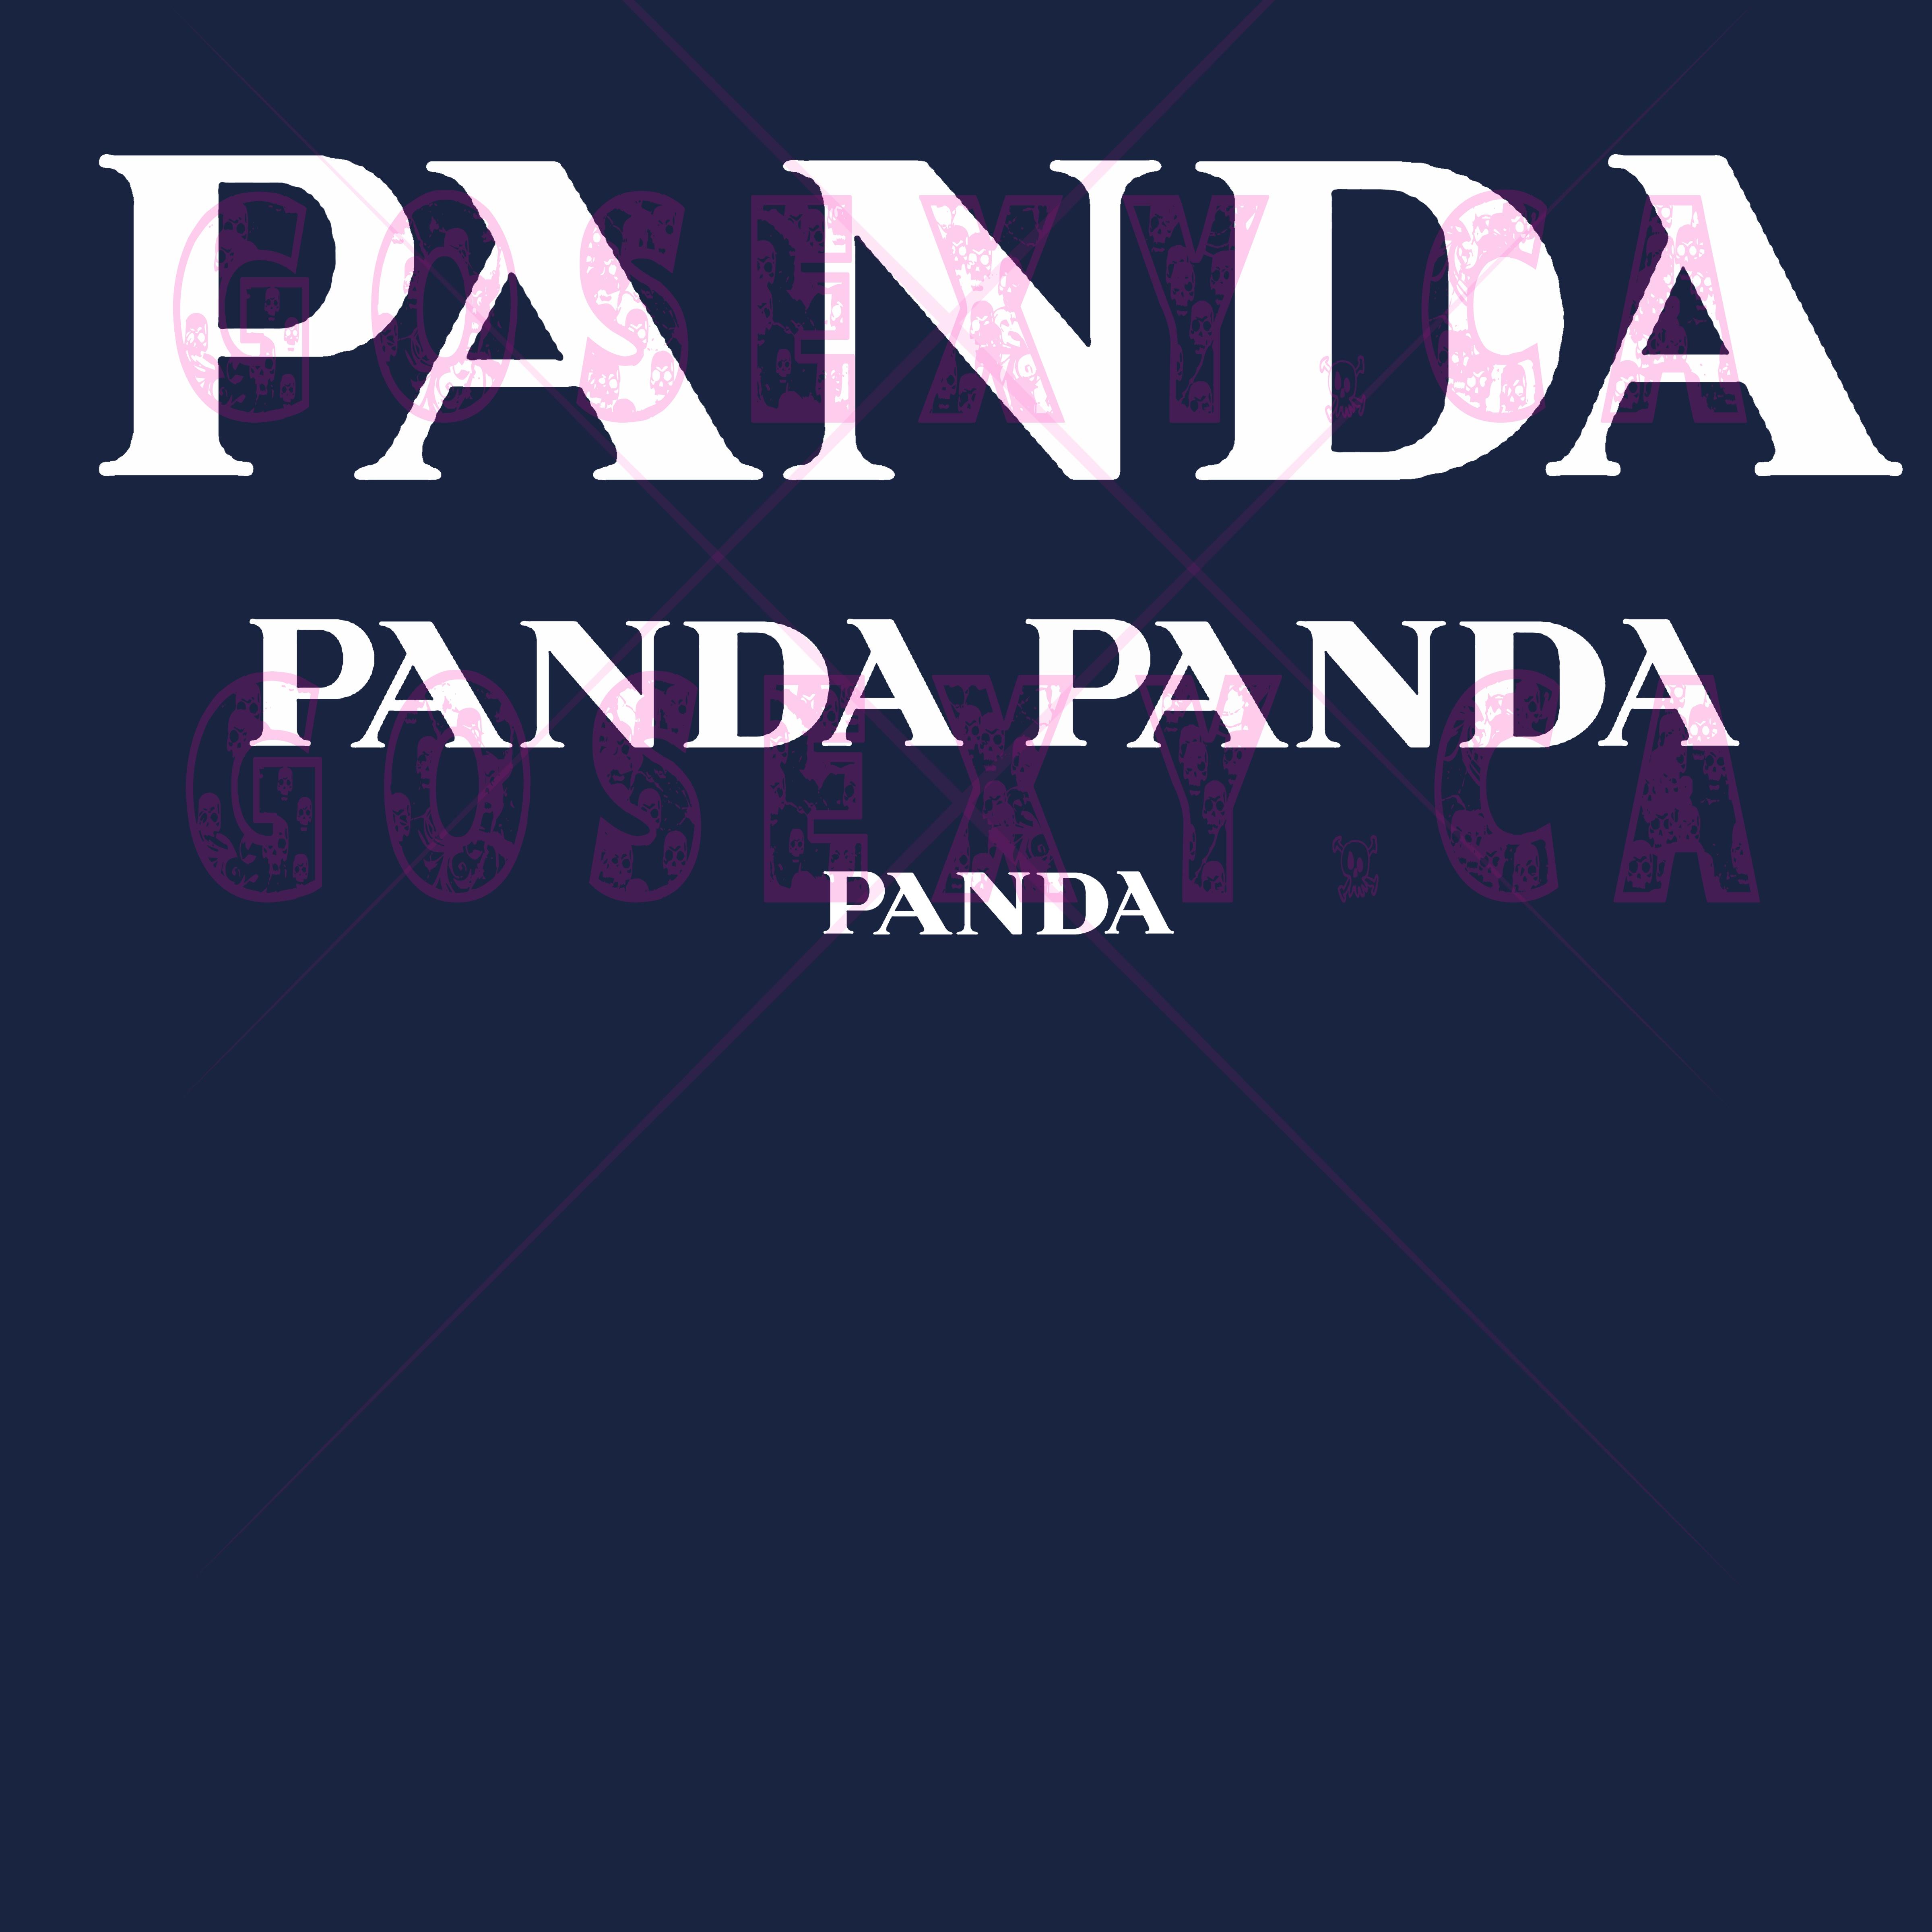 https://0901.nccdn.net/4_2/000/000/011/751/panda-in-prada-gosexyca-4800x4800.jpg